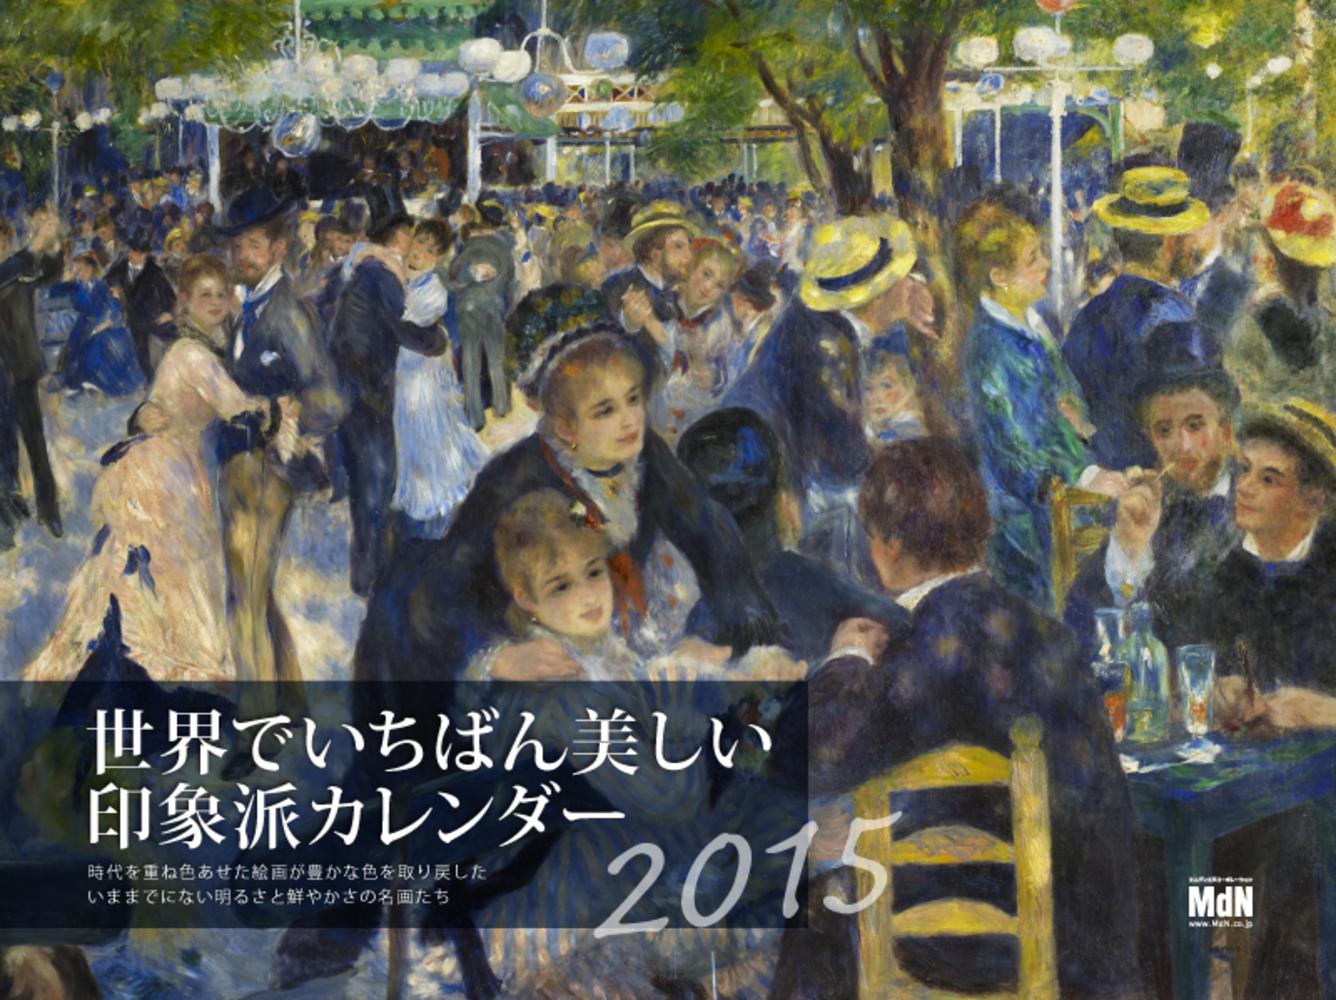 2015 世界でいちばん美しい印象派カレンダー 時代を重ね色あせた絵画が豊かな色を取り戻した いままでにない明るさと鮮やかさの名画たち